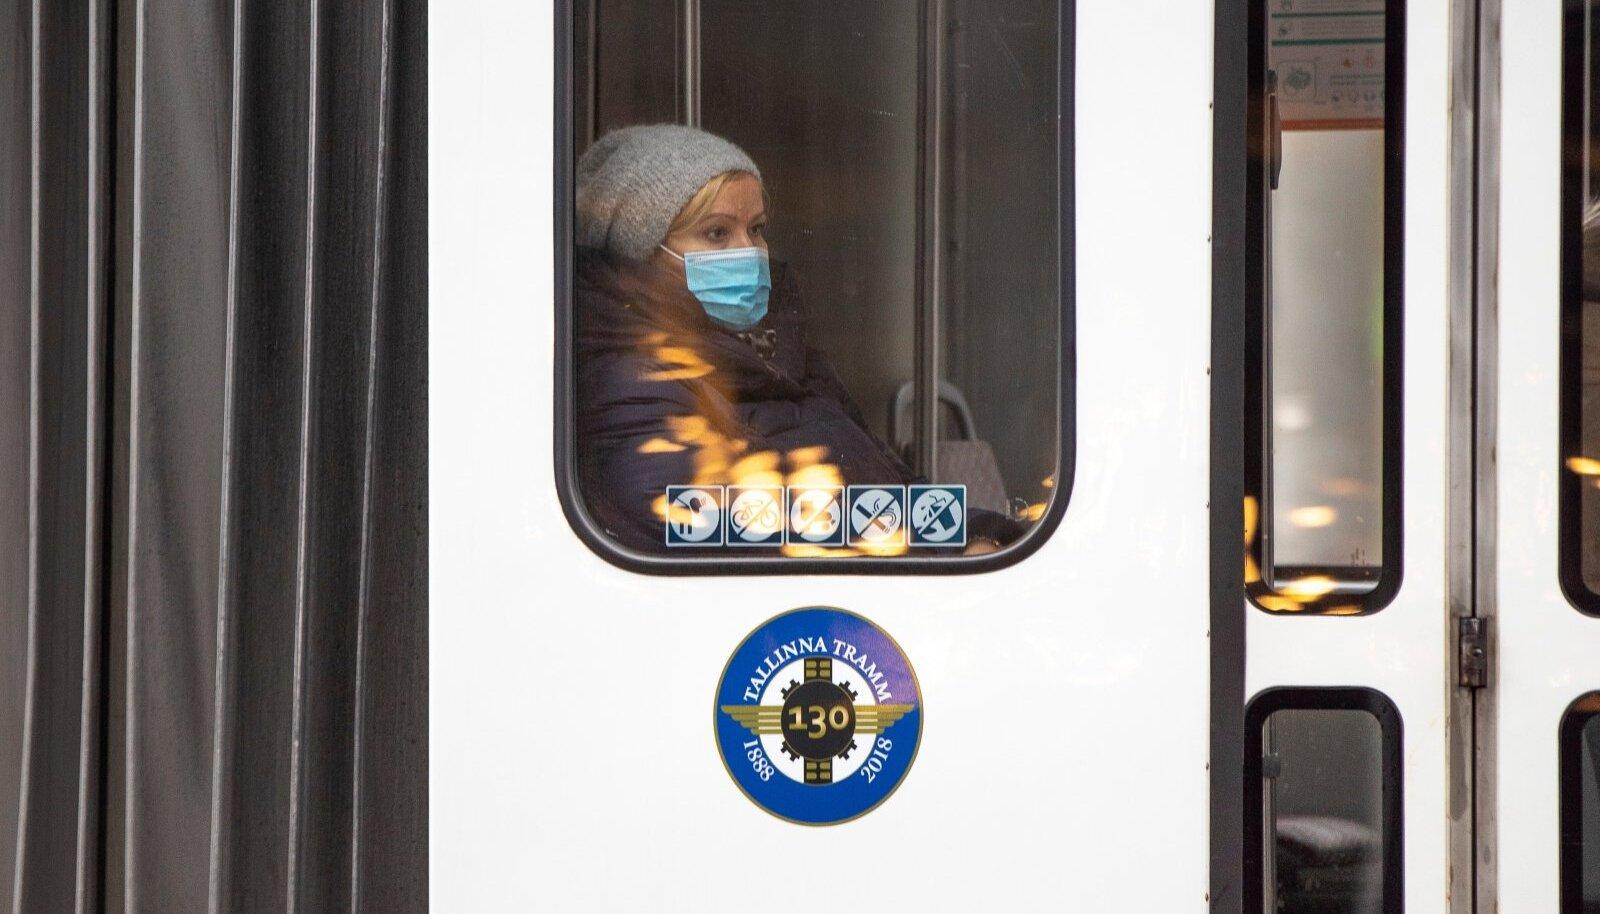 Maskid Tallinna linnapildis ja ühistranspordis